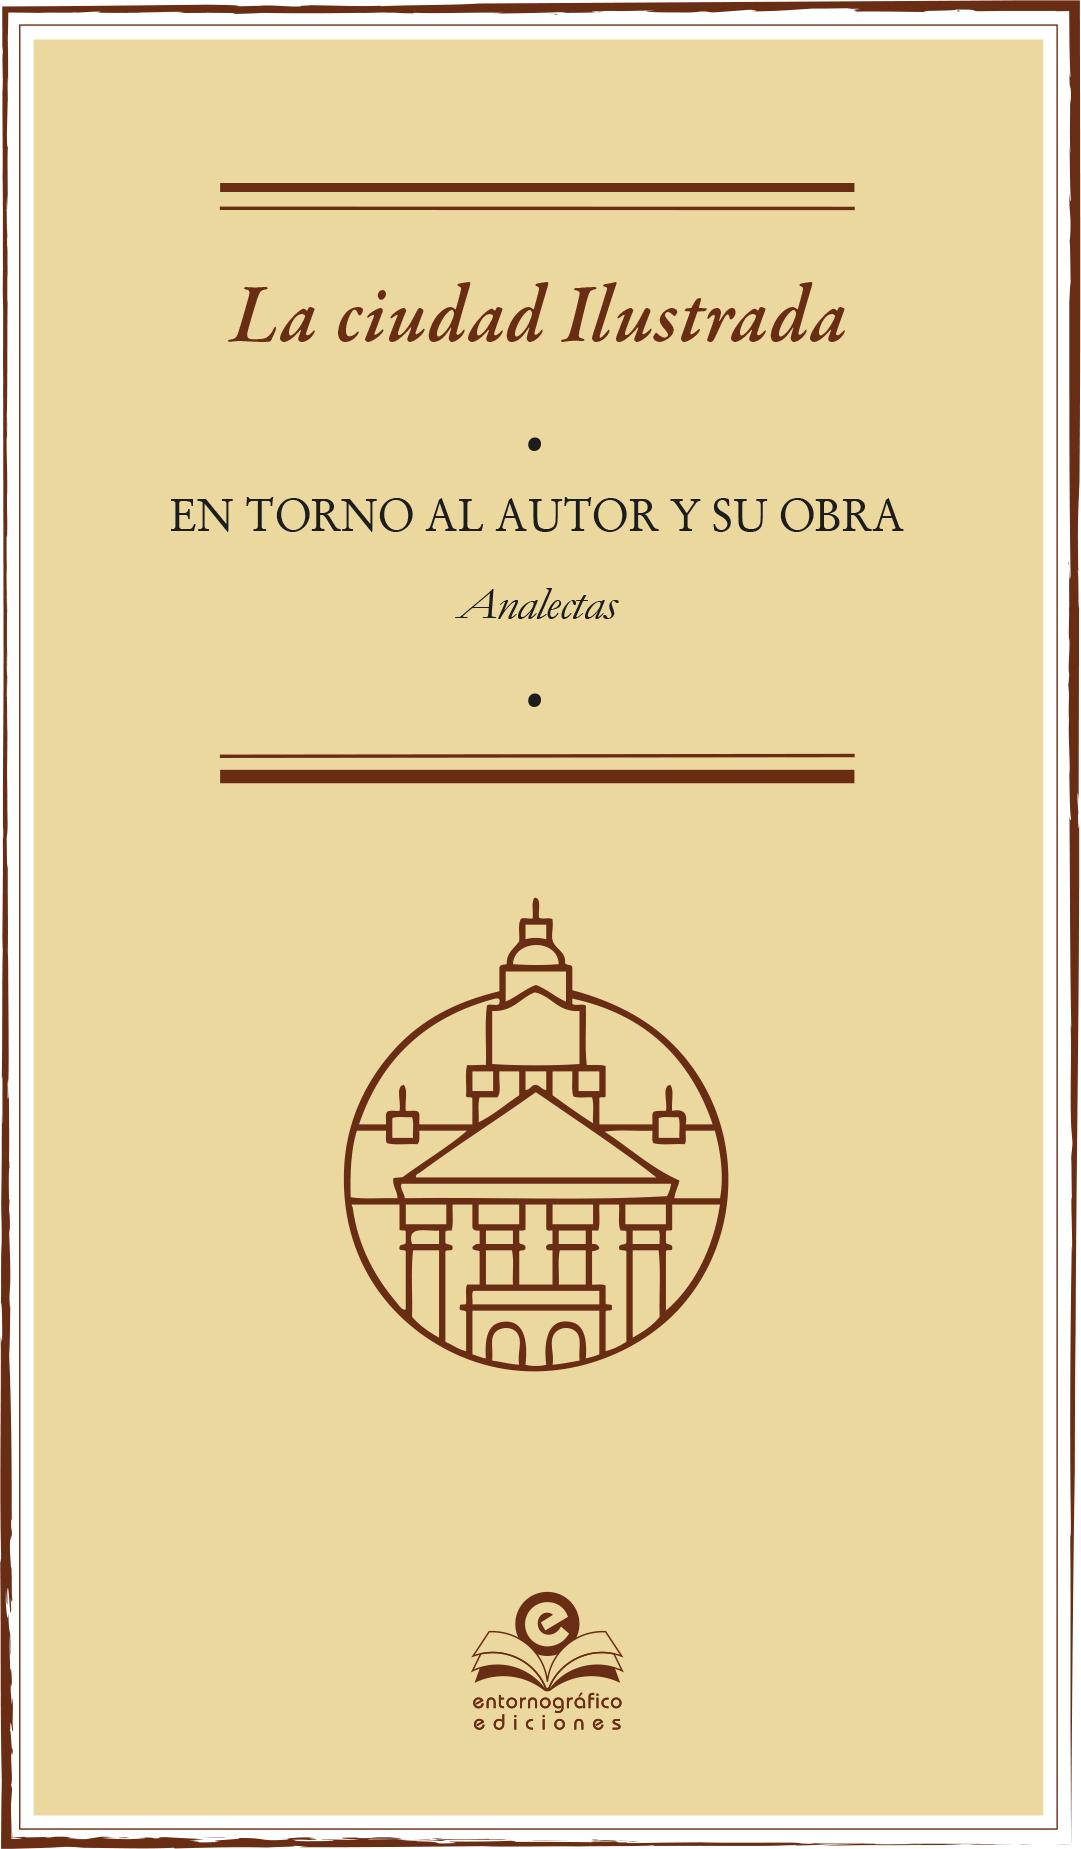 Presentación de, Analectas de La ciudad ilustrada, primera entrega